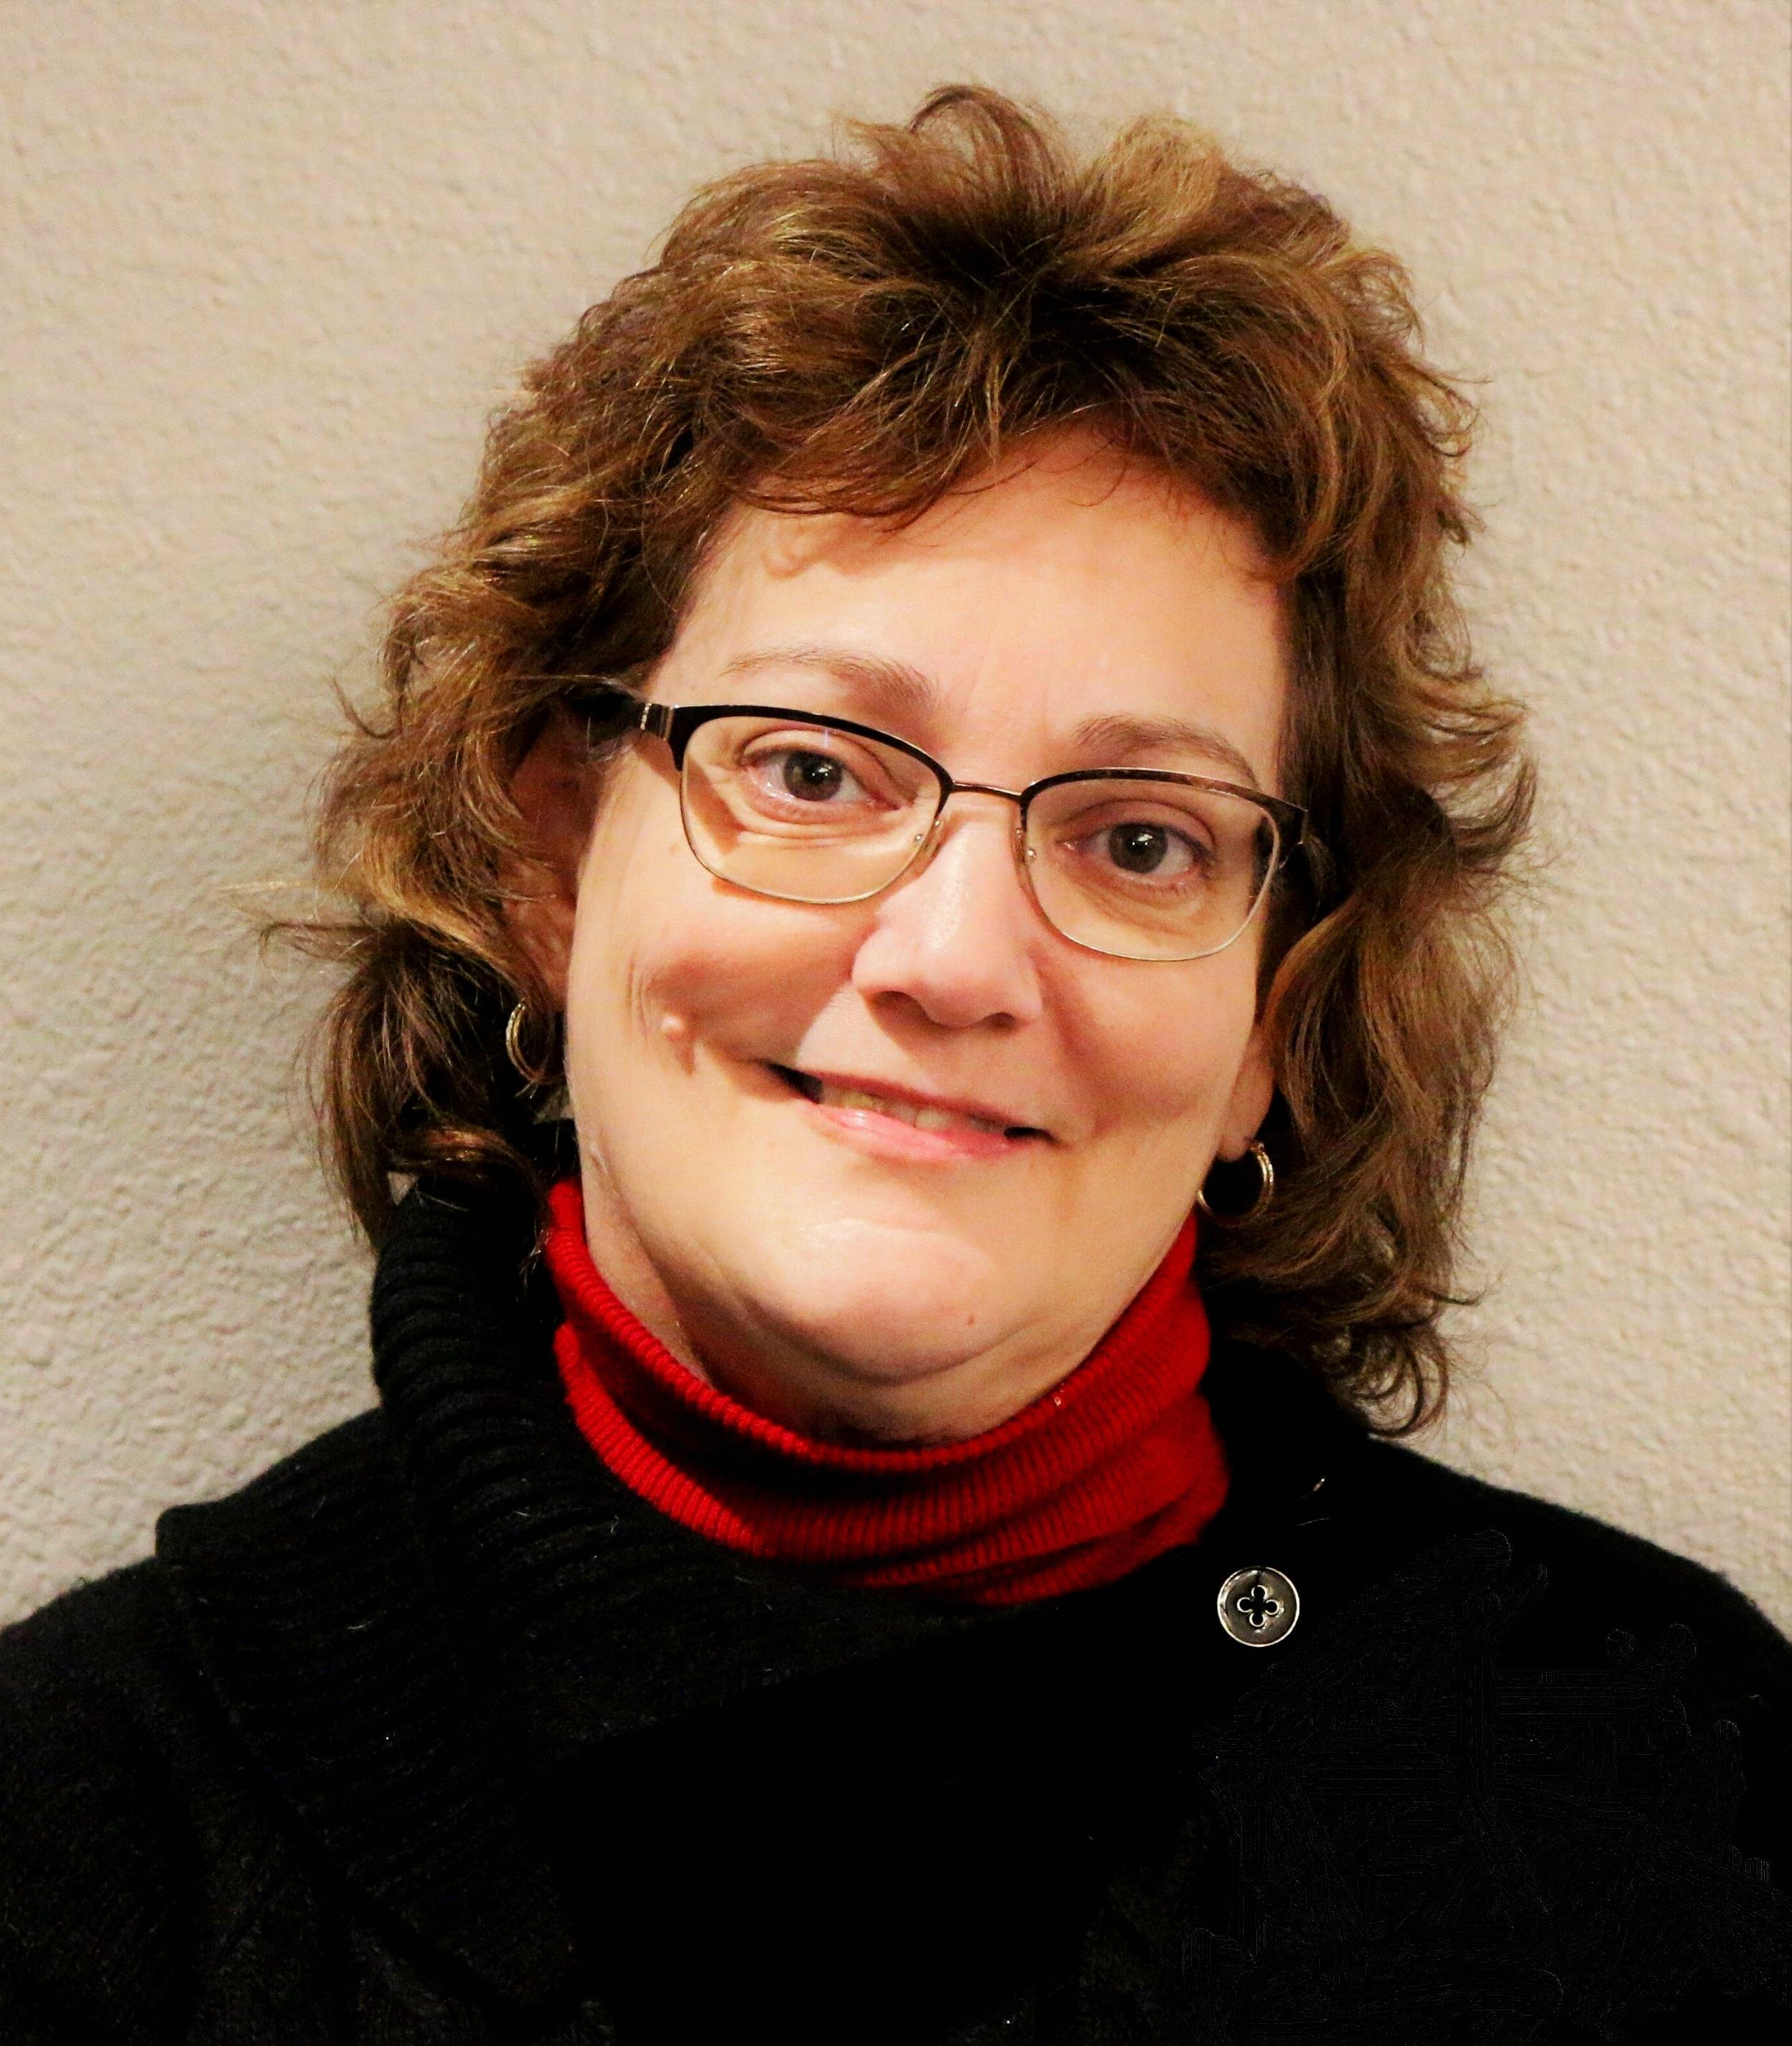 Denice Freih - Denice@tentm.org